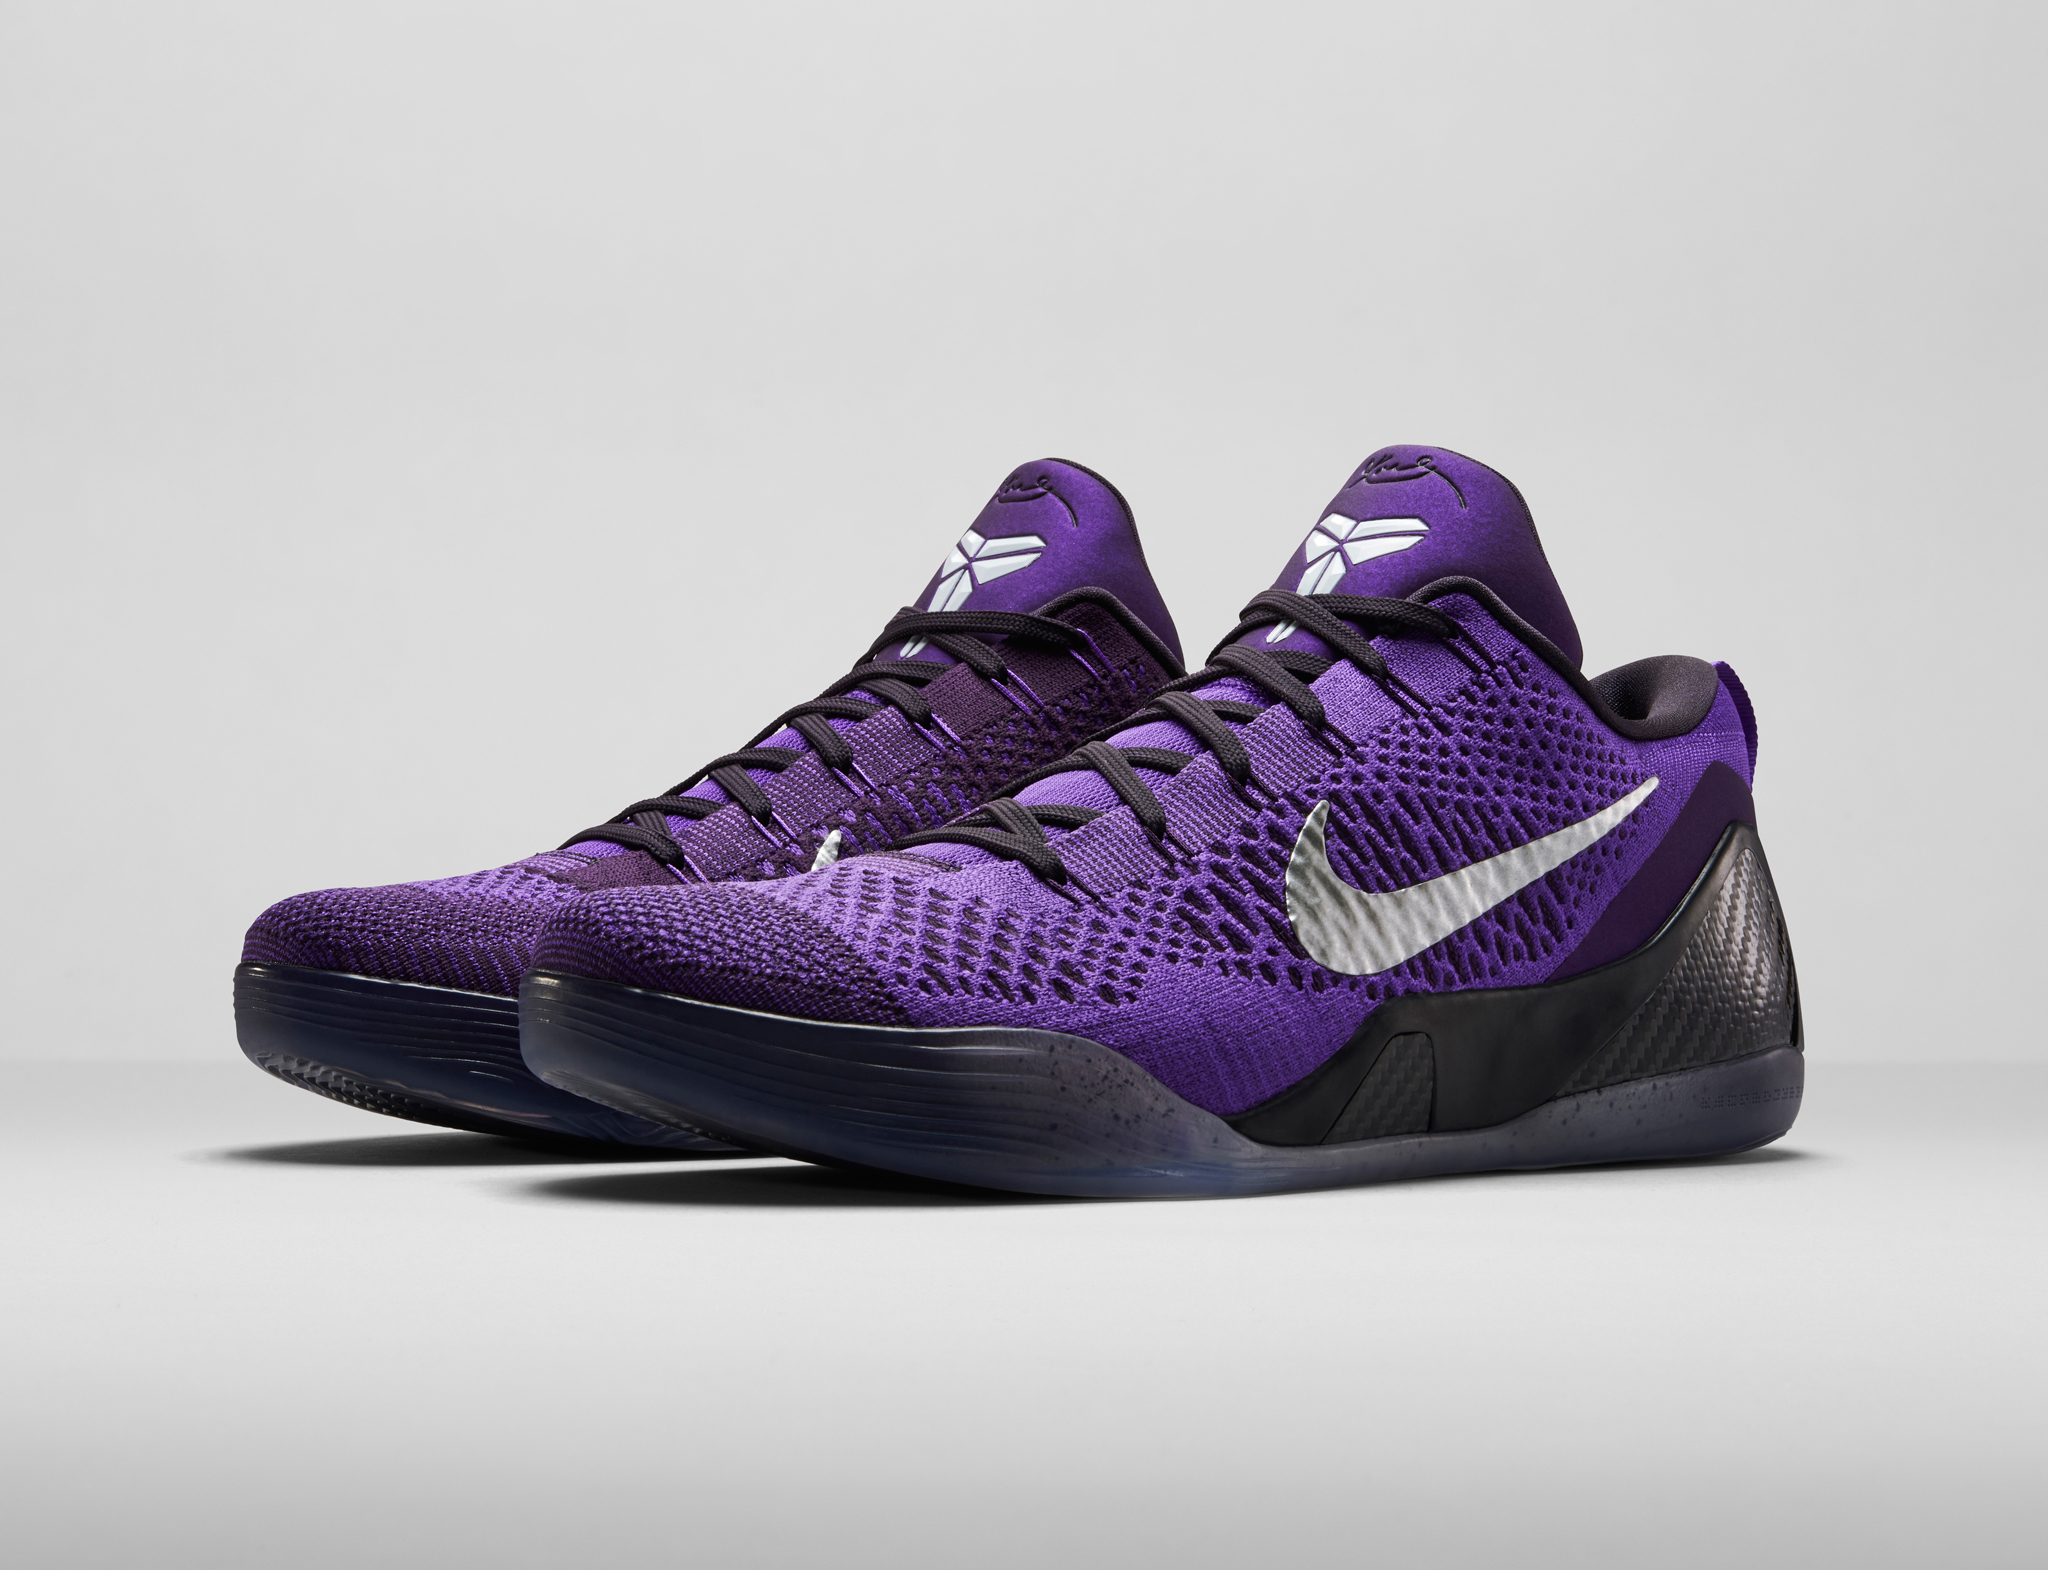 Nike Kobe 9 Low